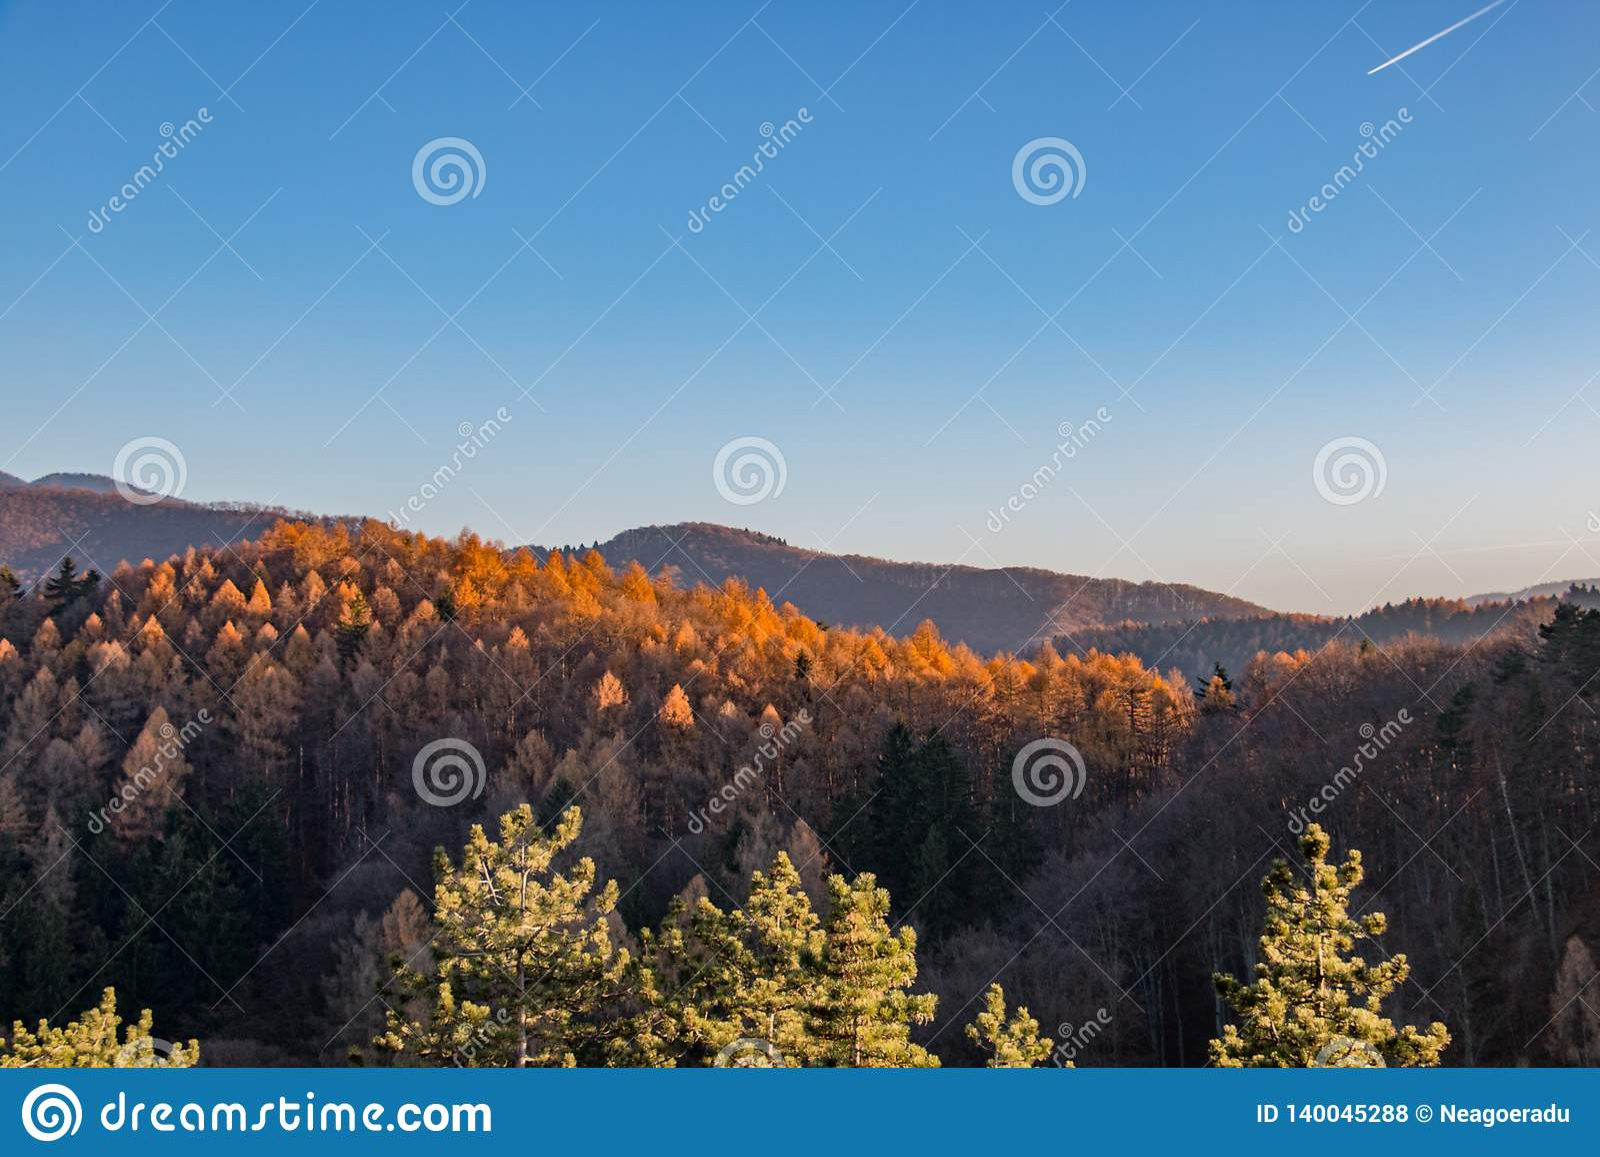 Sommerberge gestalten in Siebenbürgen, Rumänien landschaftlich